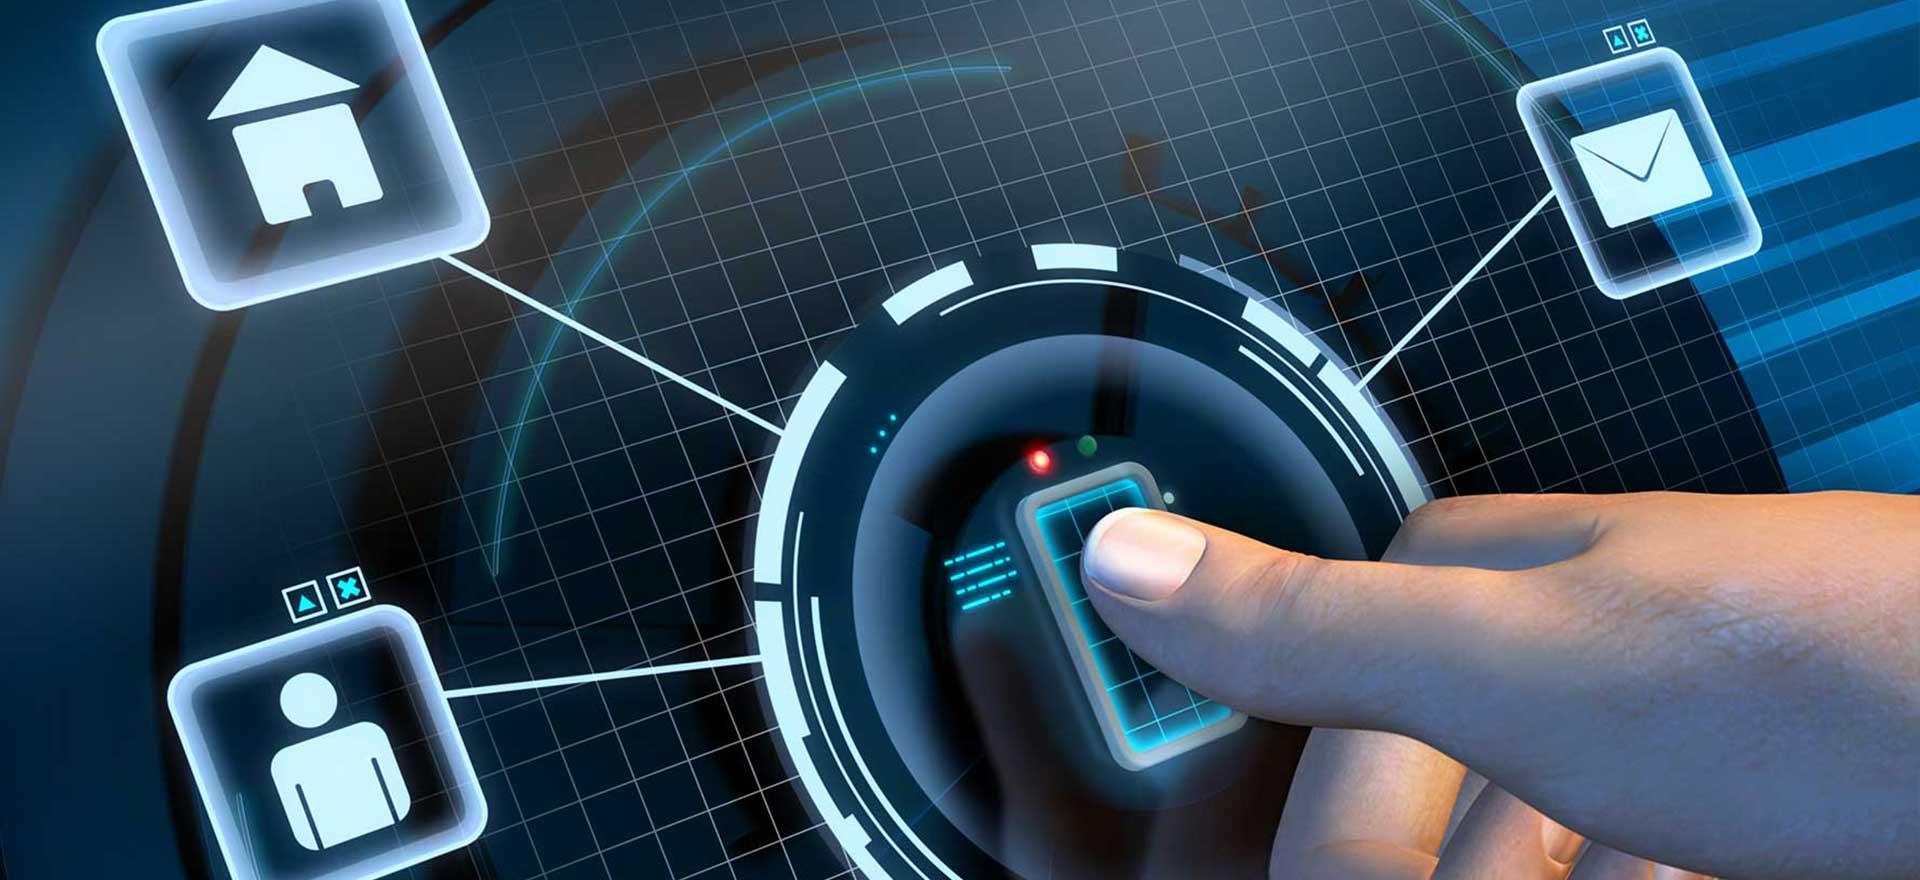 Рынок контроля доступа перешагнет 24 млрд долларов к 2025 году